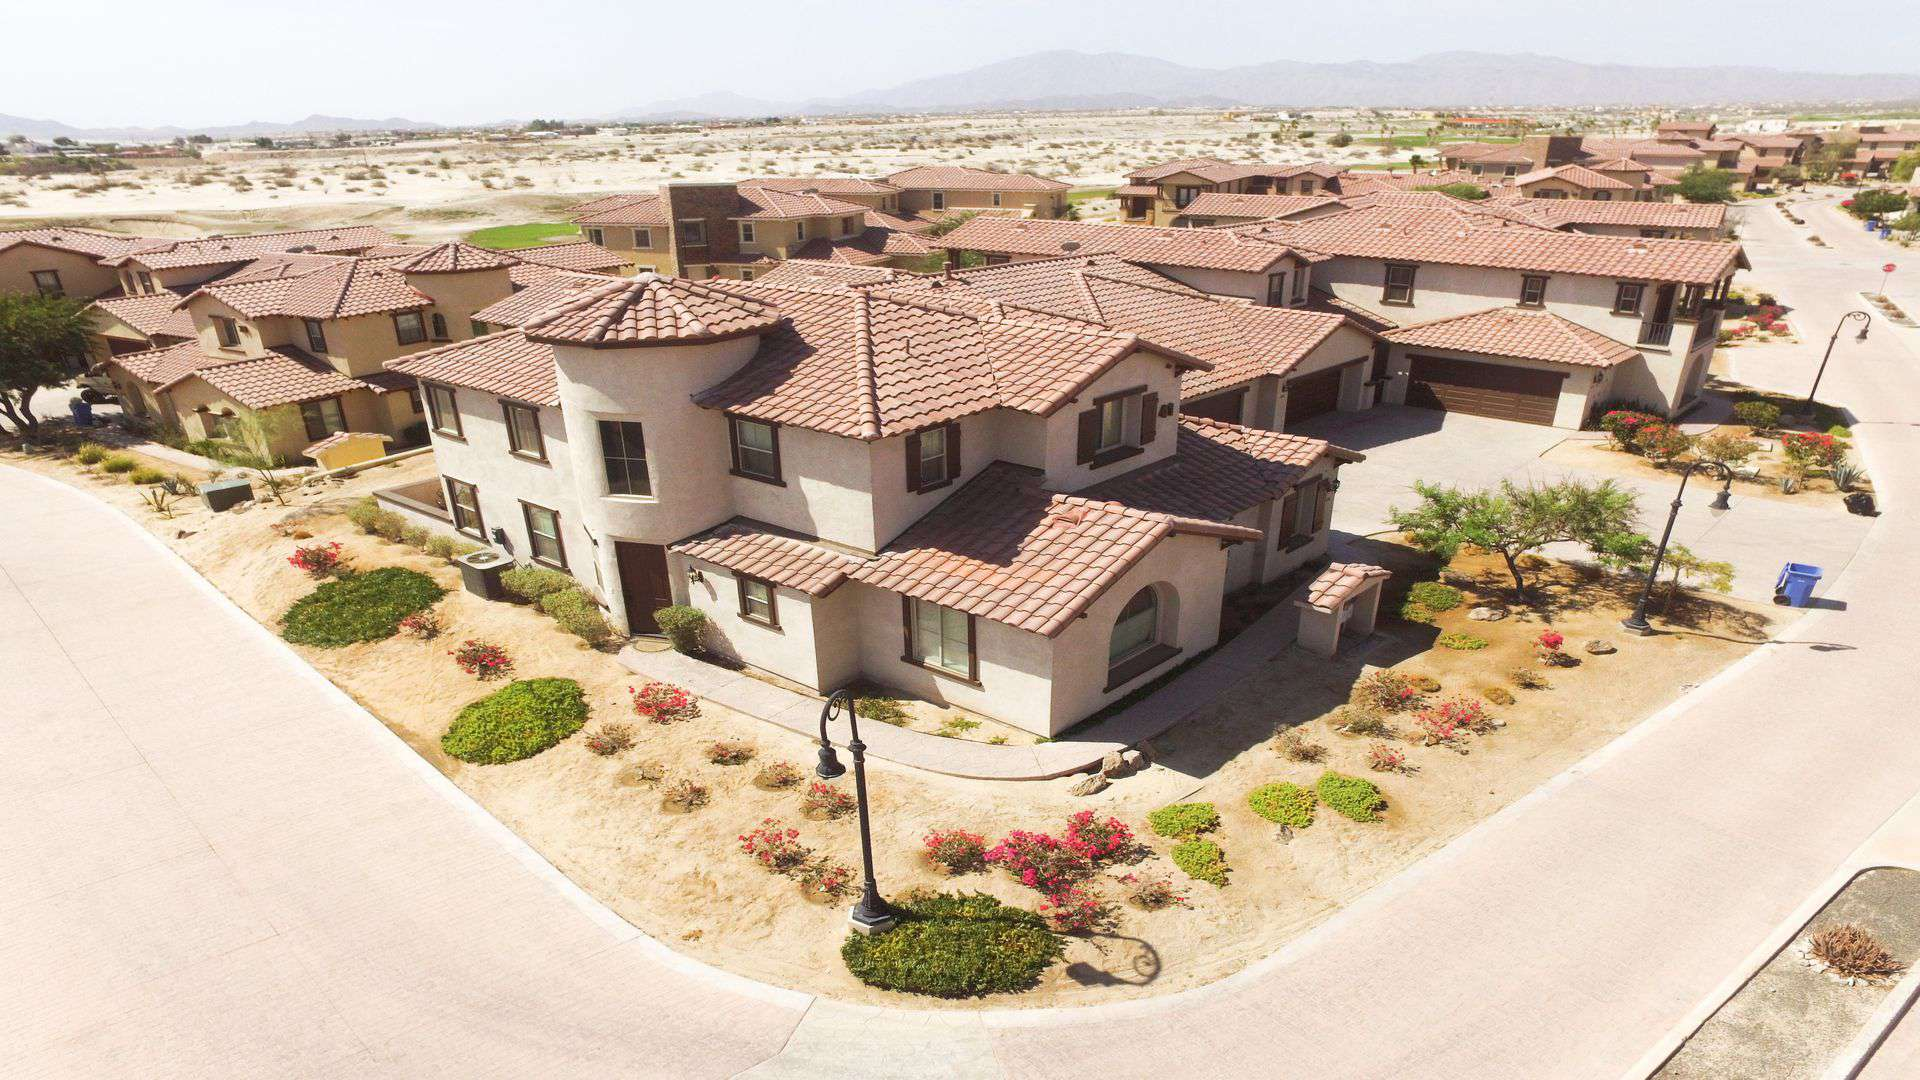 san felipe vacation rental condo 414 - Aerial View